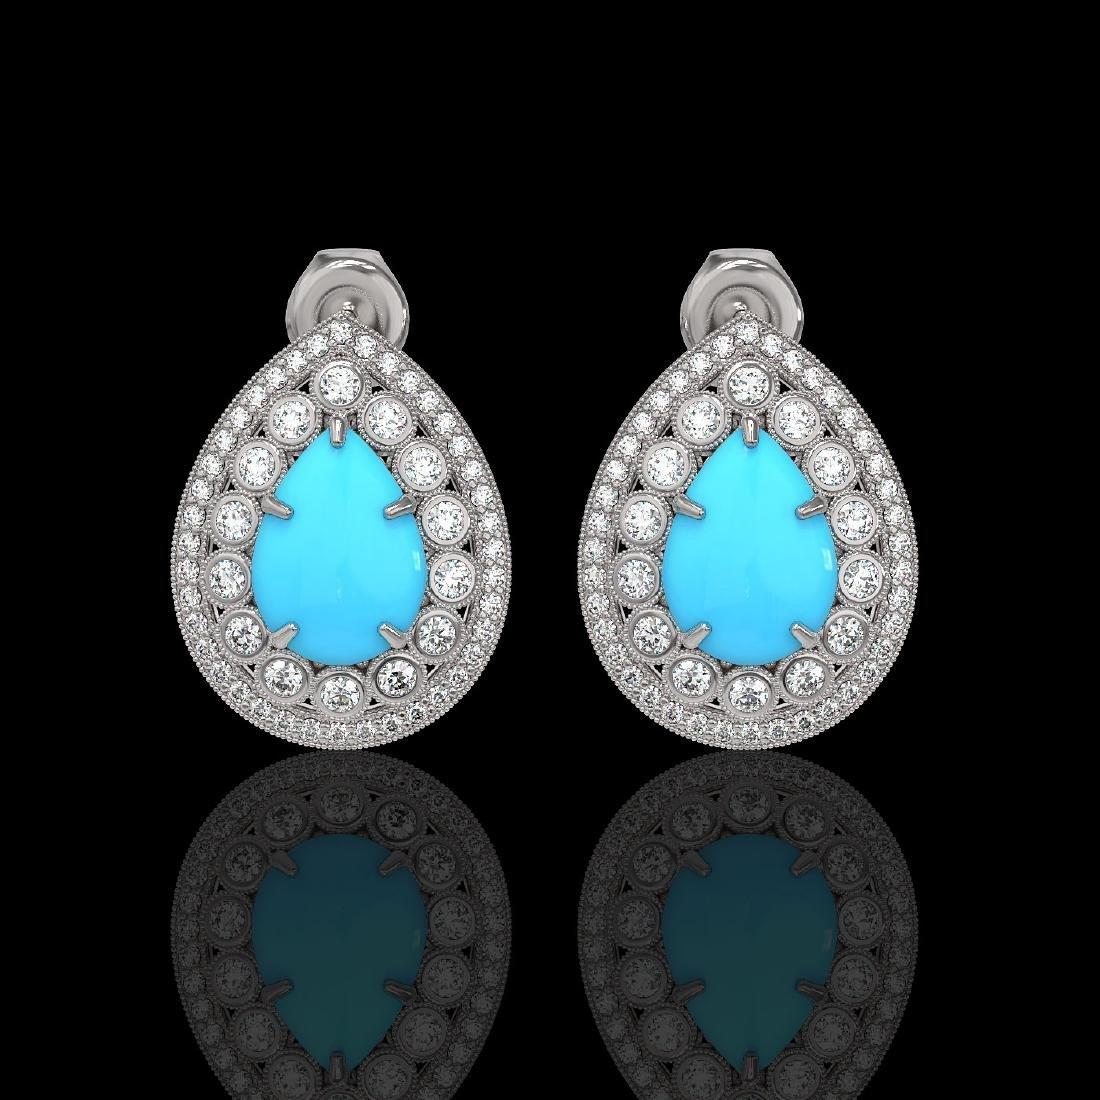 7.54 ctw Turquoise & Diamond Earrings 14K White Gold -